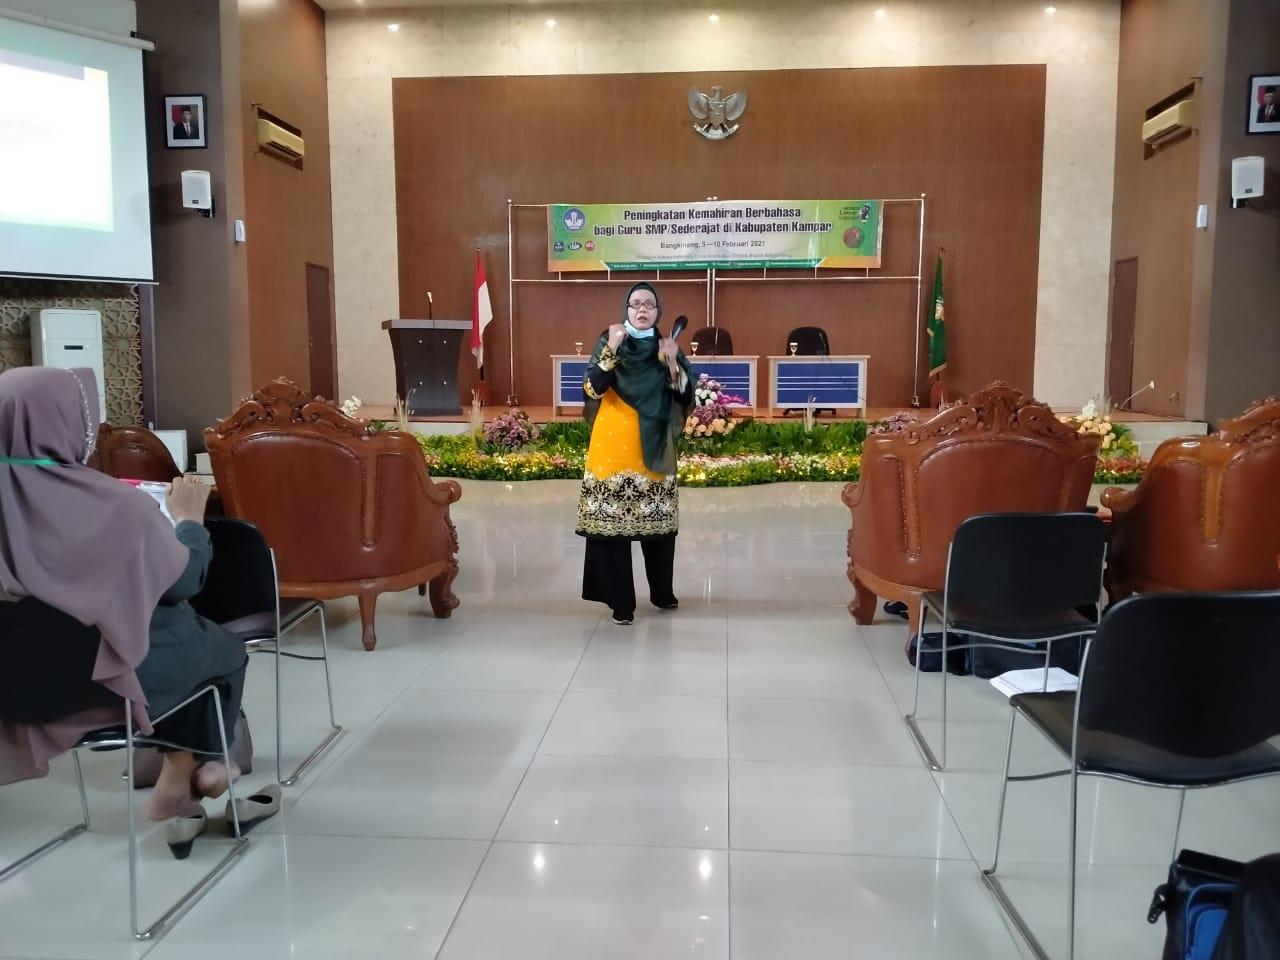 Peningkatan Kemahiran Berbahasa bagi Guru SMP-Sederajat di Kabupaten Kampar